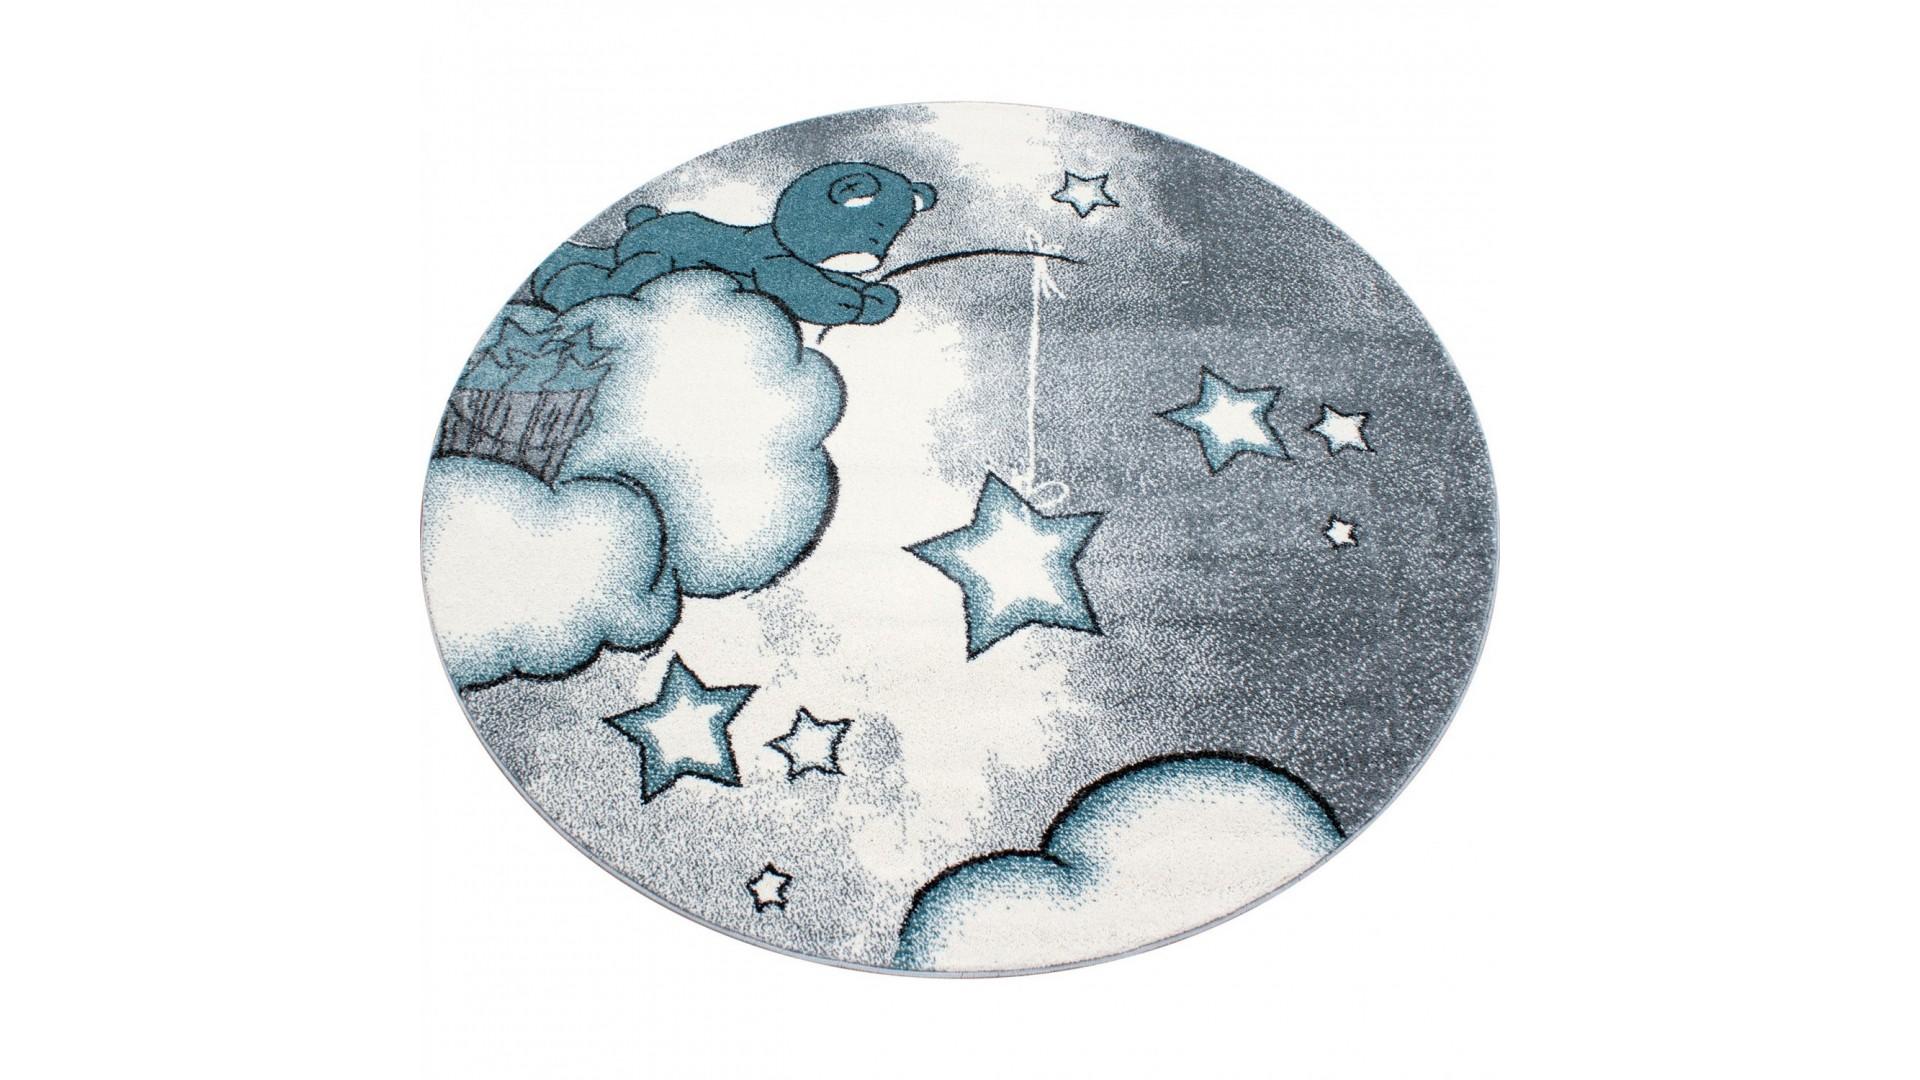 Dywanik, na którym znajduje się misio, który próbuje złowić gwiazdę z nieba.